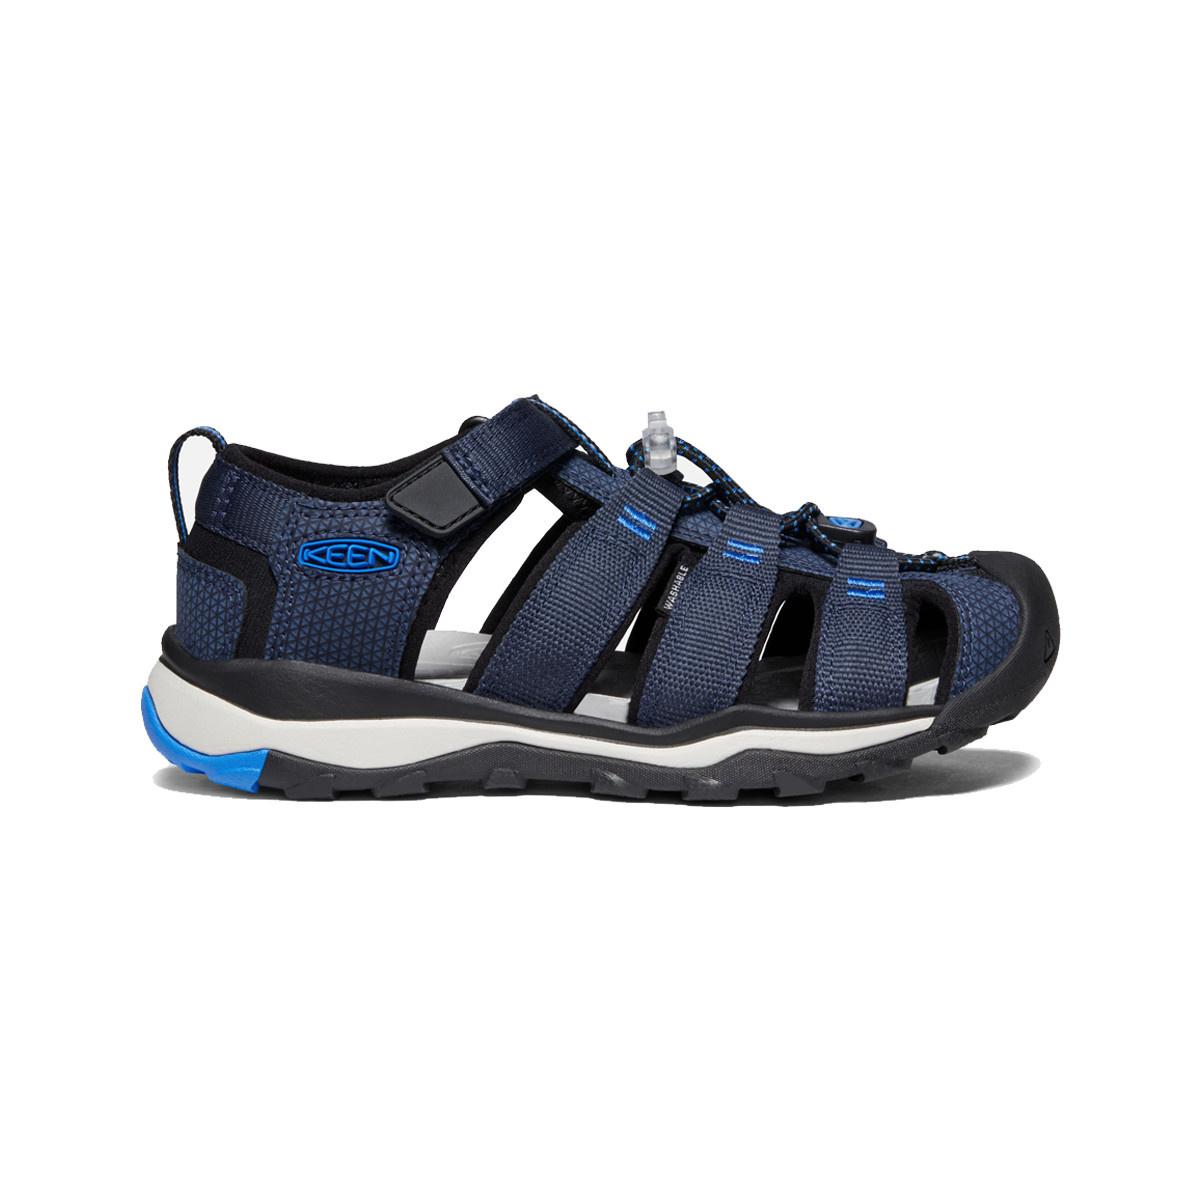 Keen Footwear Keen Youth Newport Neo Blue